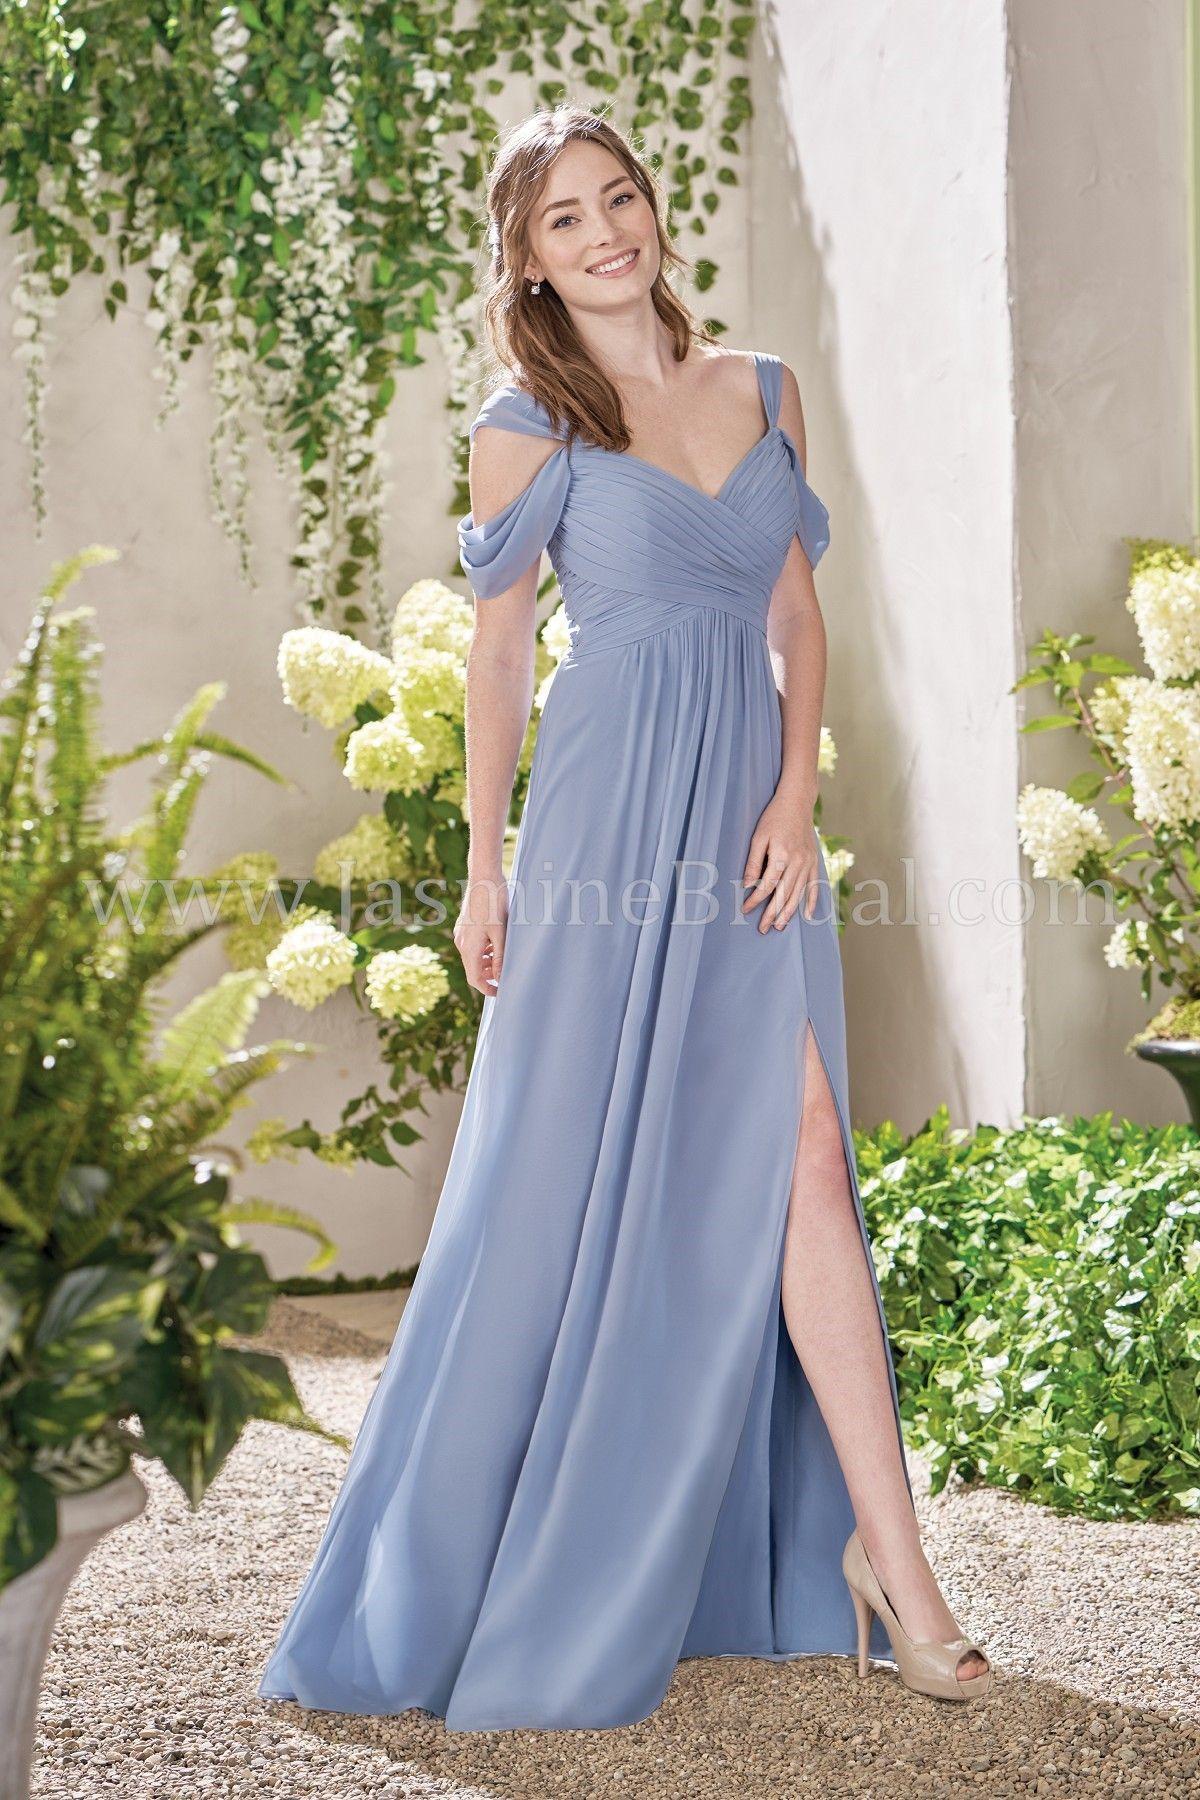 JASMINE BRIDAL Bridesmaid dresses, Neutral bridesmaid